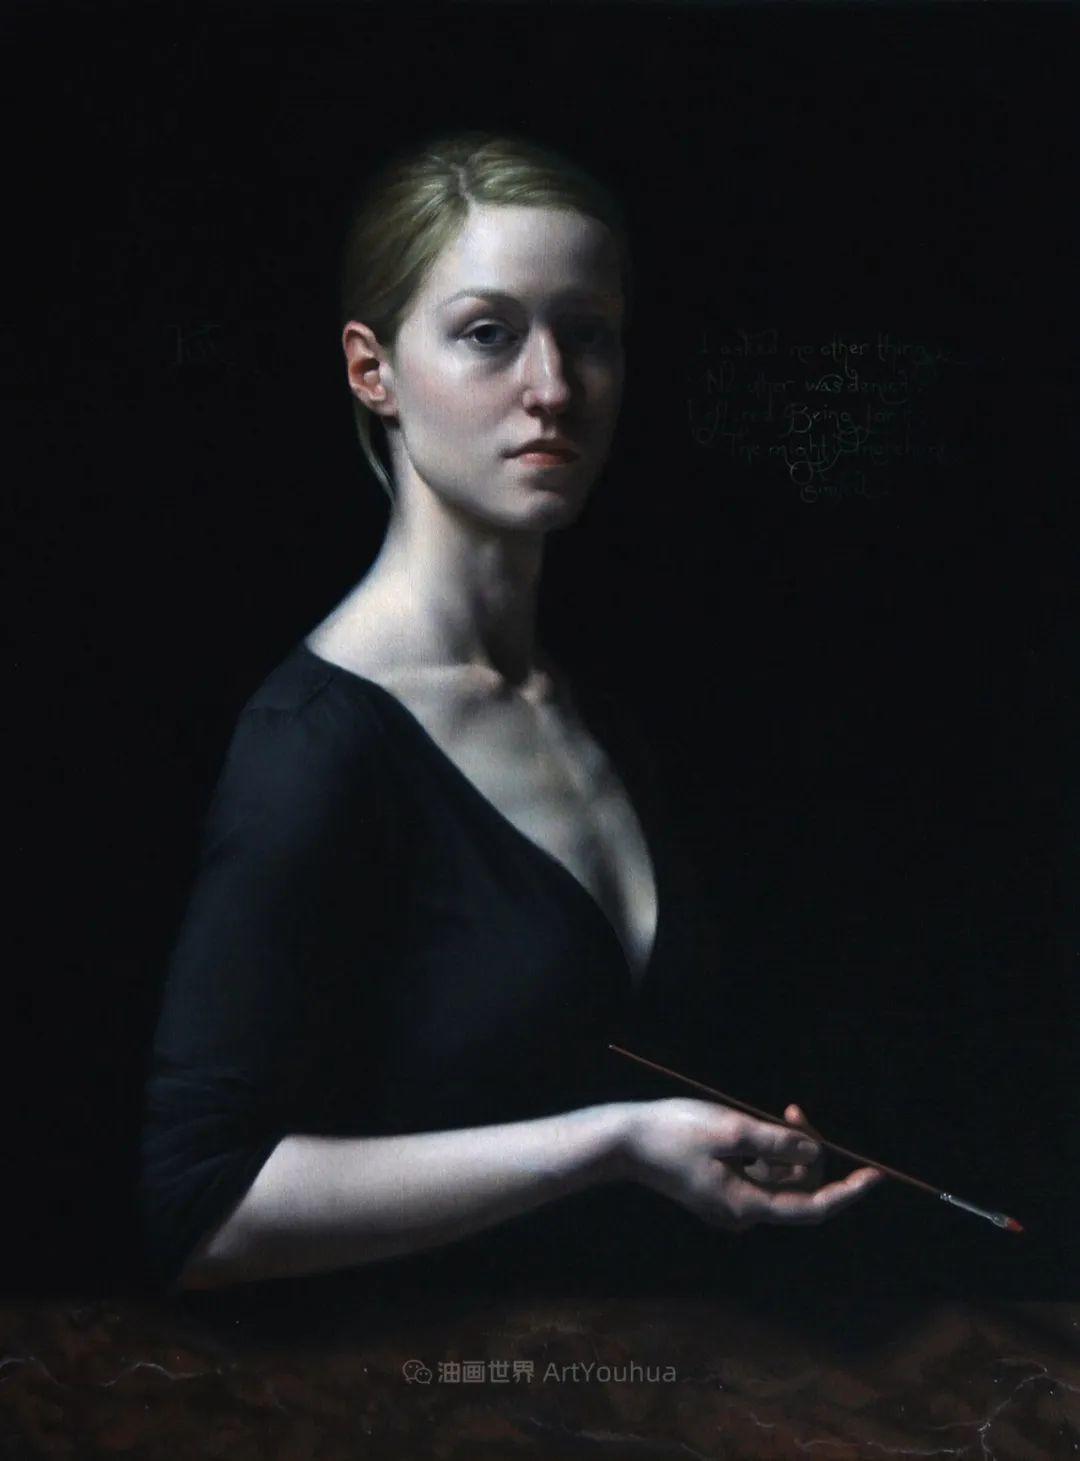 细致入微的静物与肖像,加拿大女画家凯瑟琳·斯通插图1